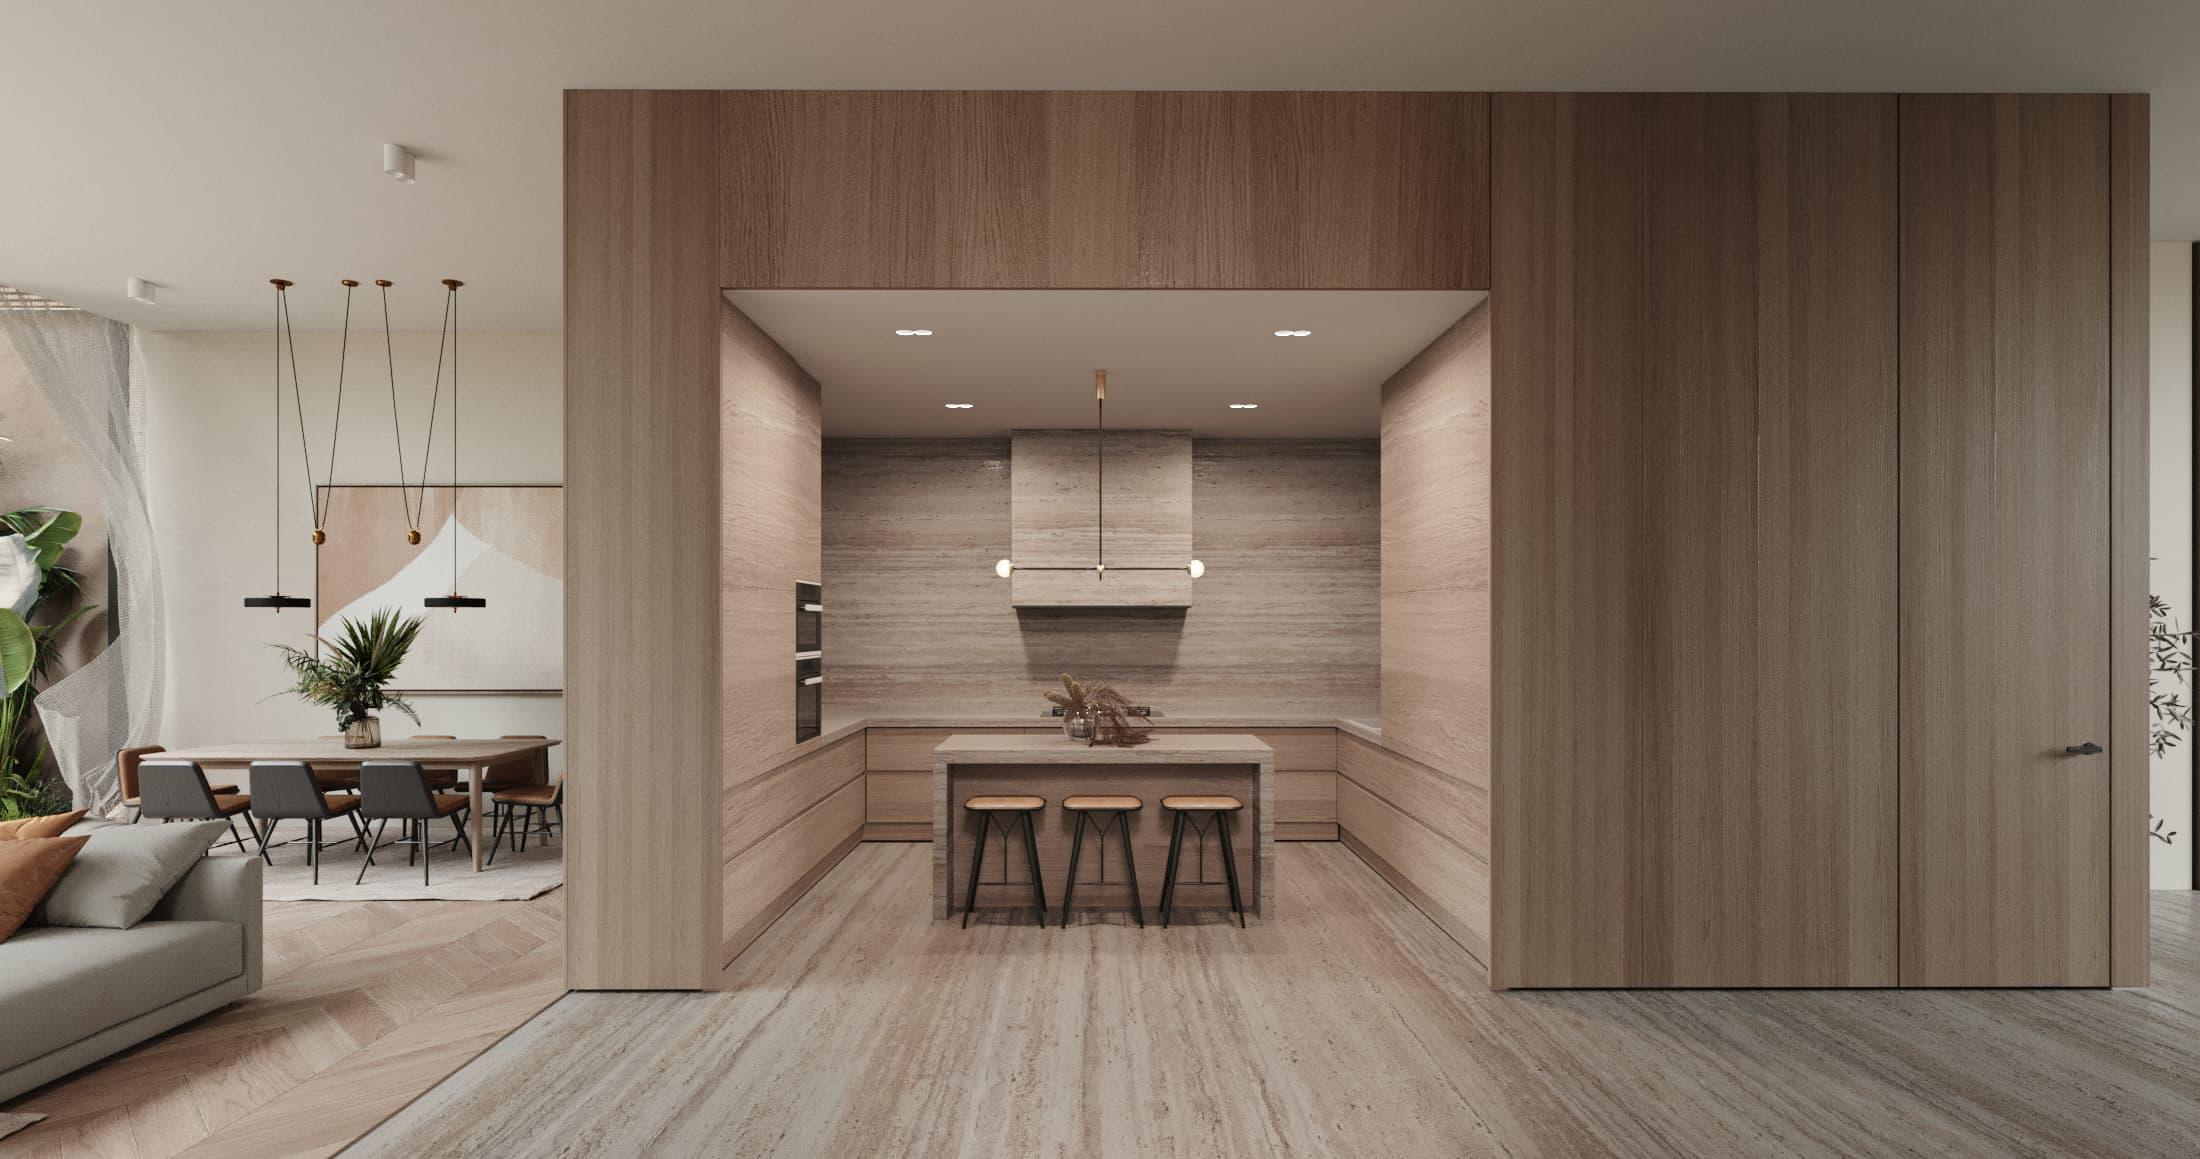 villa designs (10)